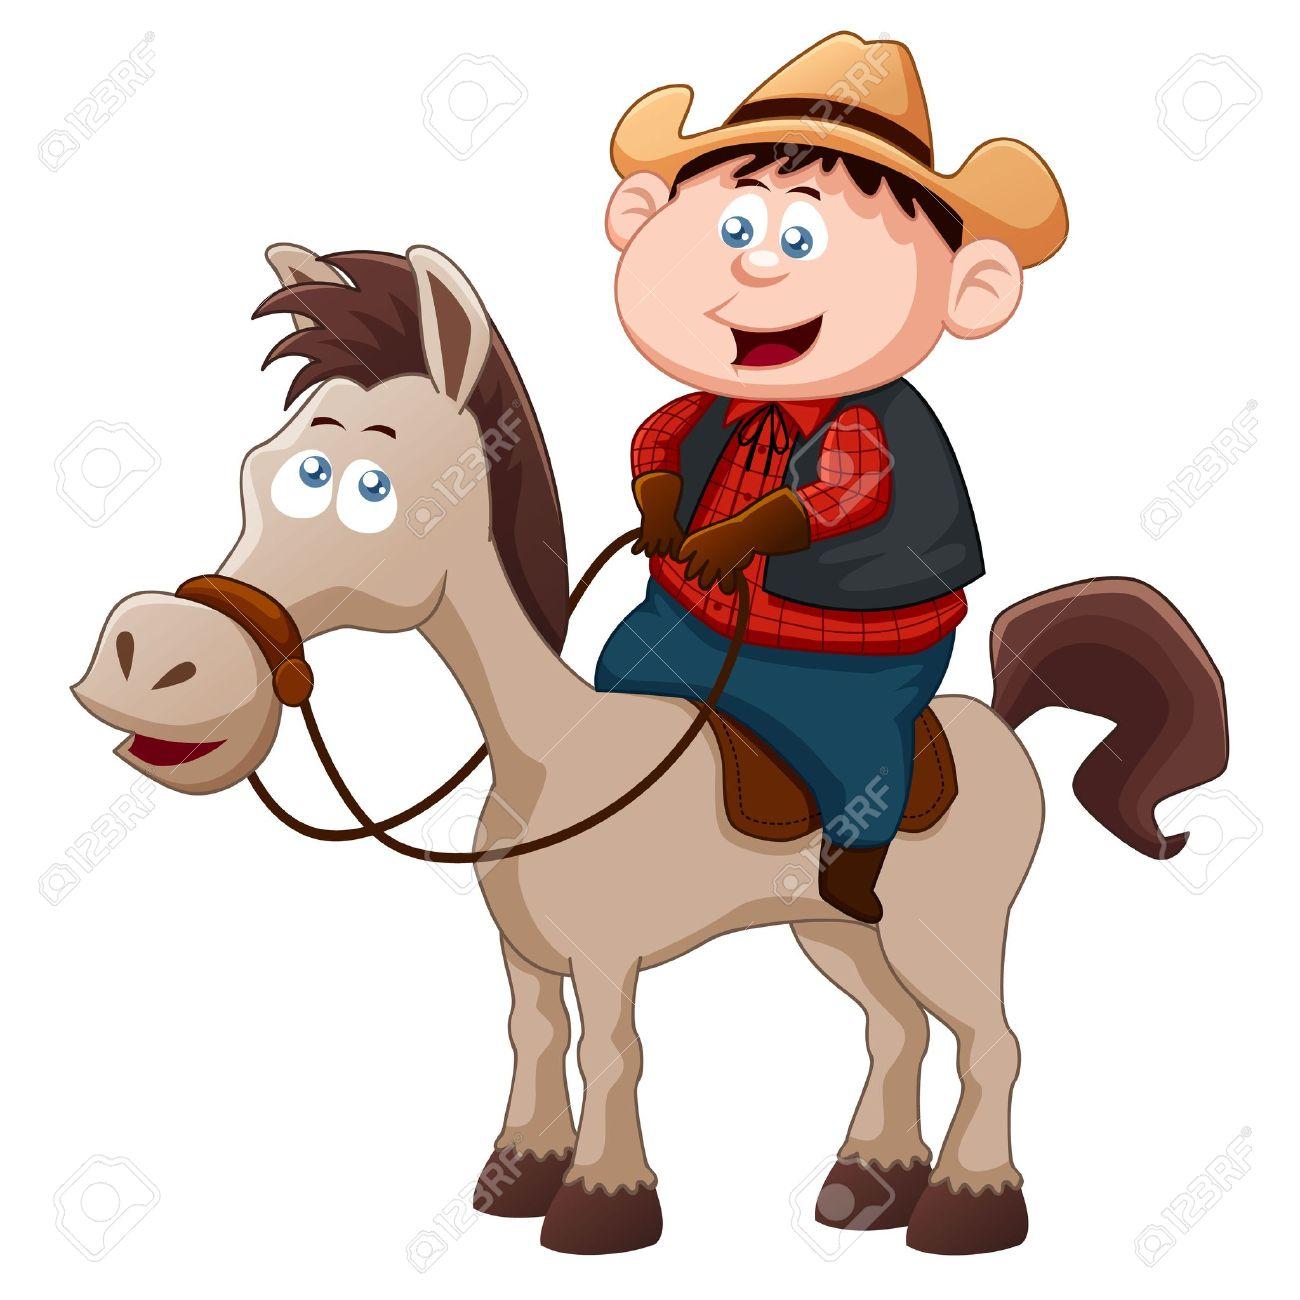 Little Cowboy riding horse.